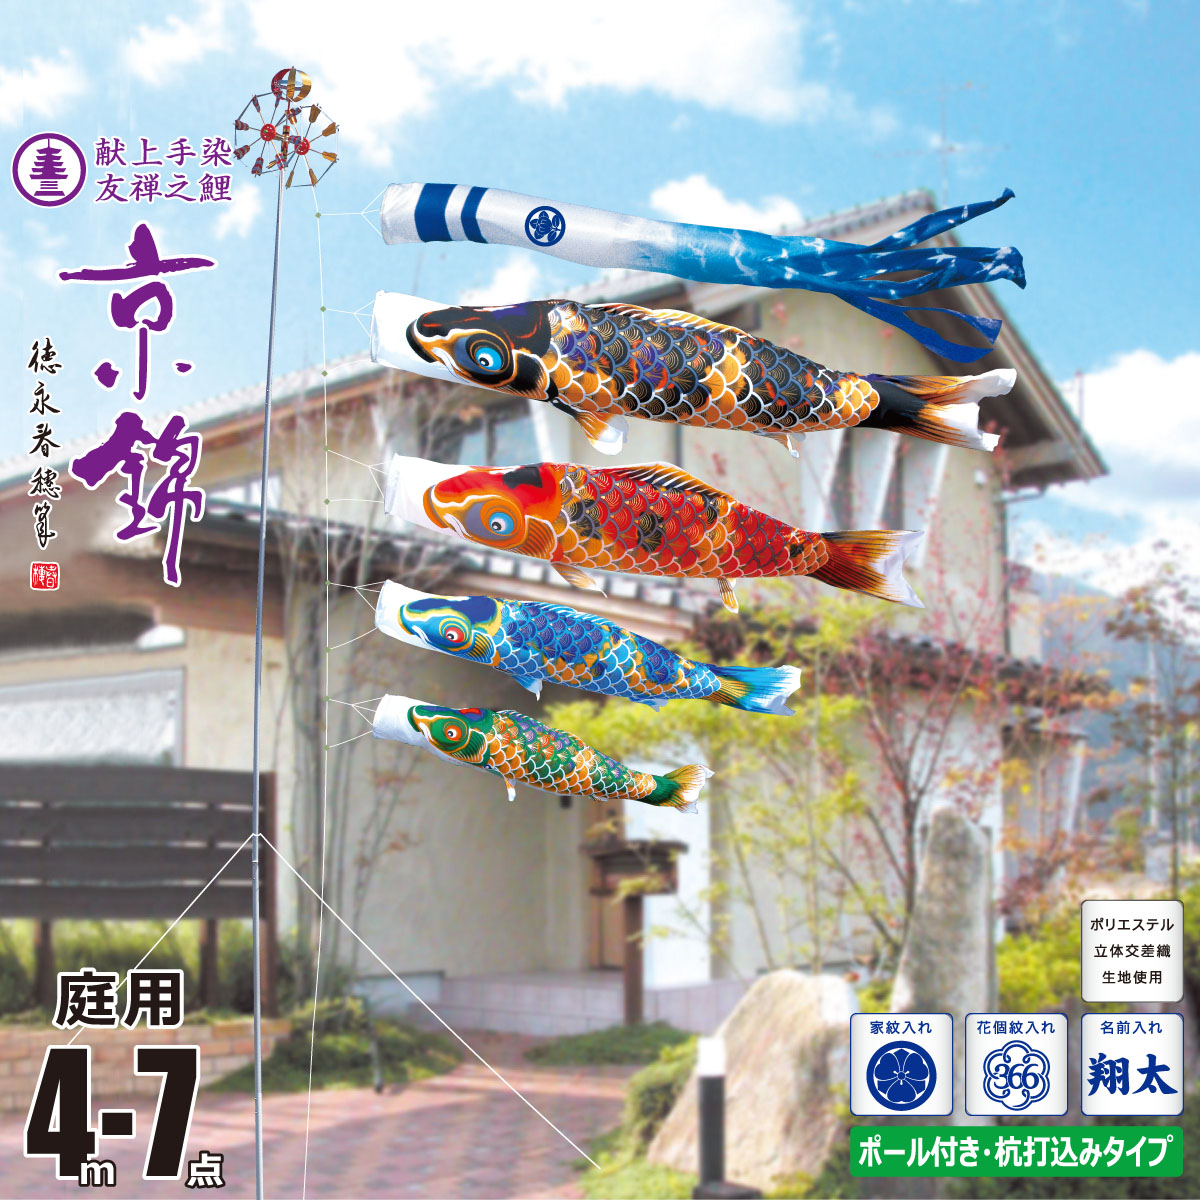 こいのぼり 4m 京錦 7点 (矢車、ロープ、吹流し、鯉4匹) 庭園用 ガーデンセット (専用ポール一式) 徳永鯉のぼり KIT-112-101